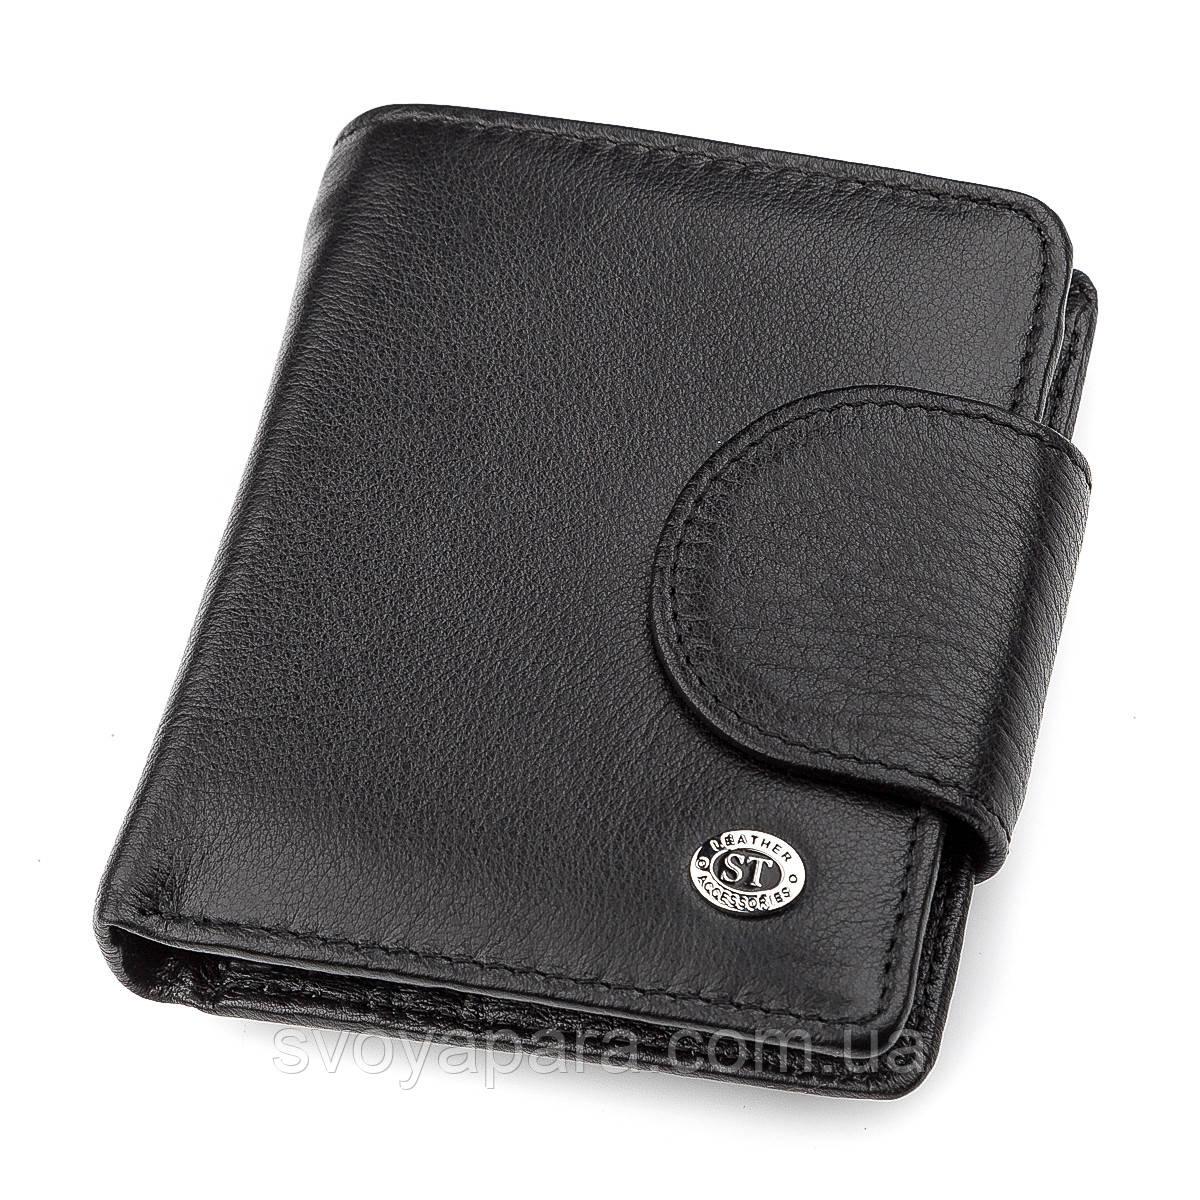 Гаманець жіночий ST Leather 18497 (ST415) шкіряний Чорний